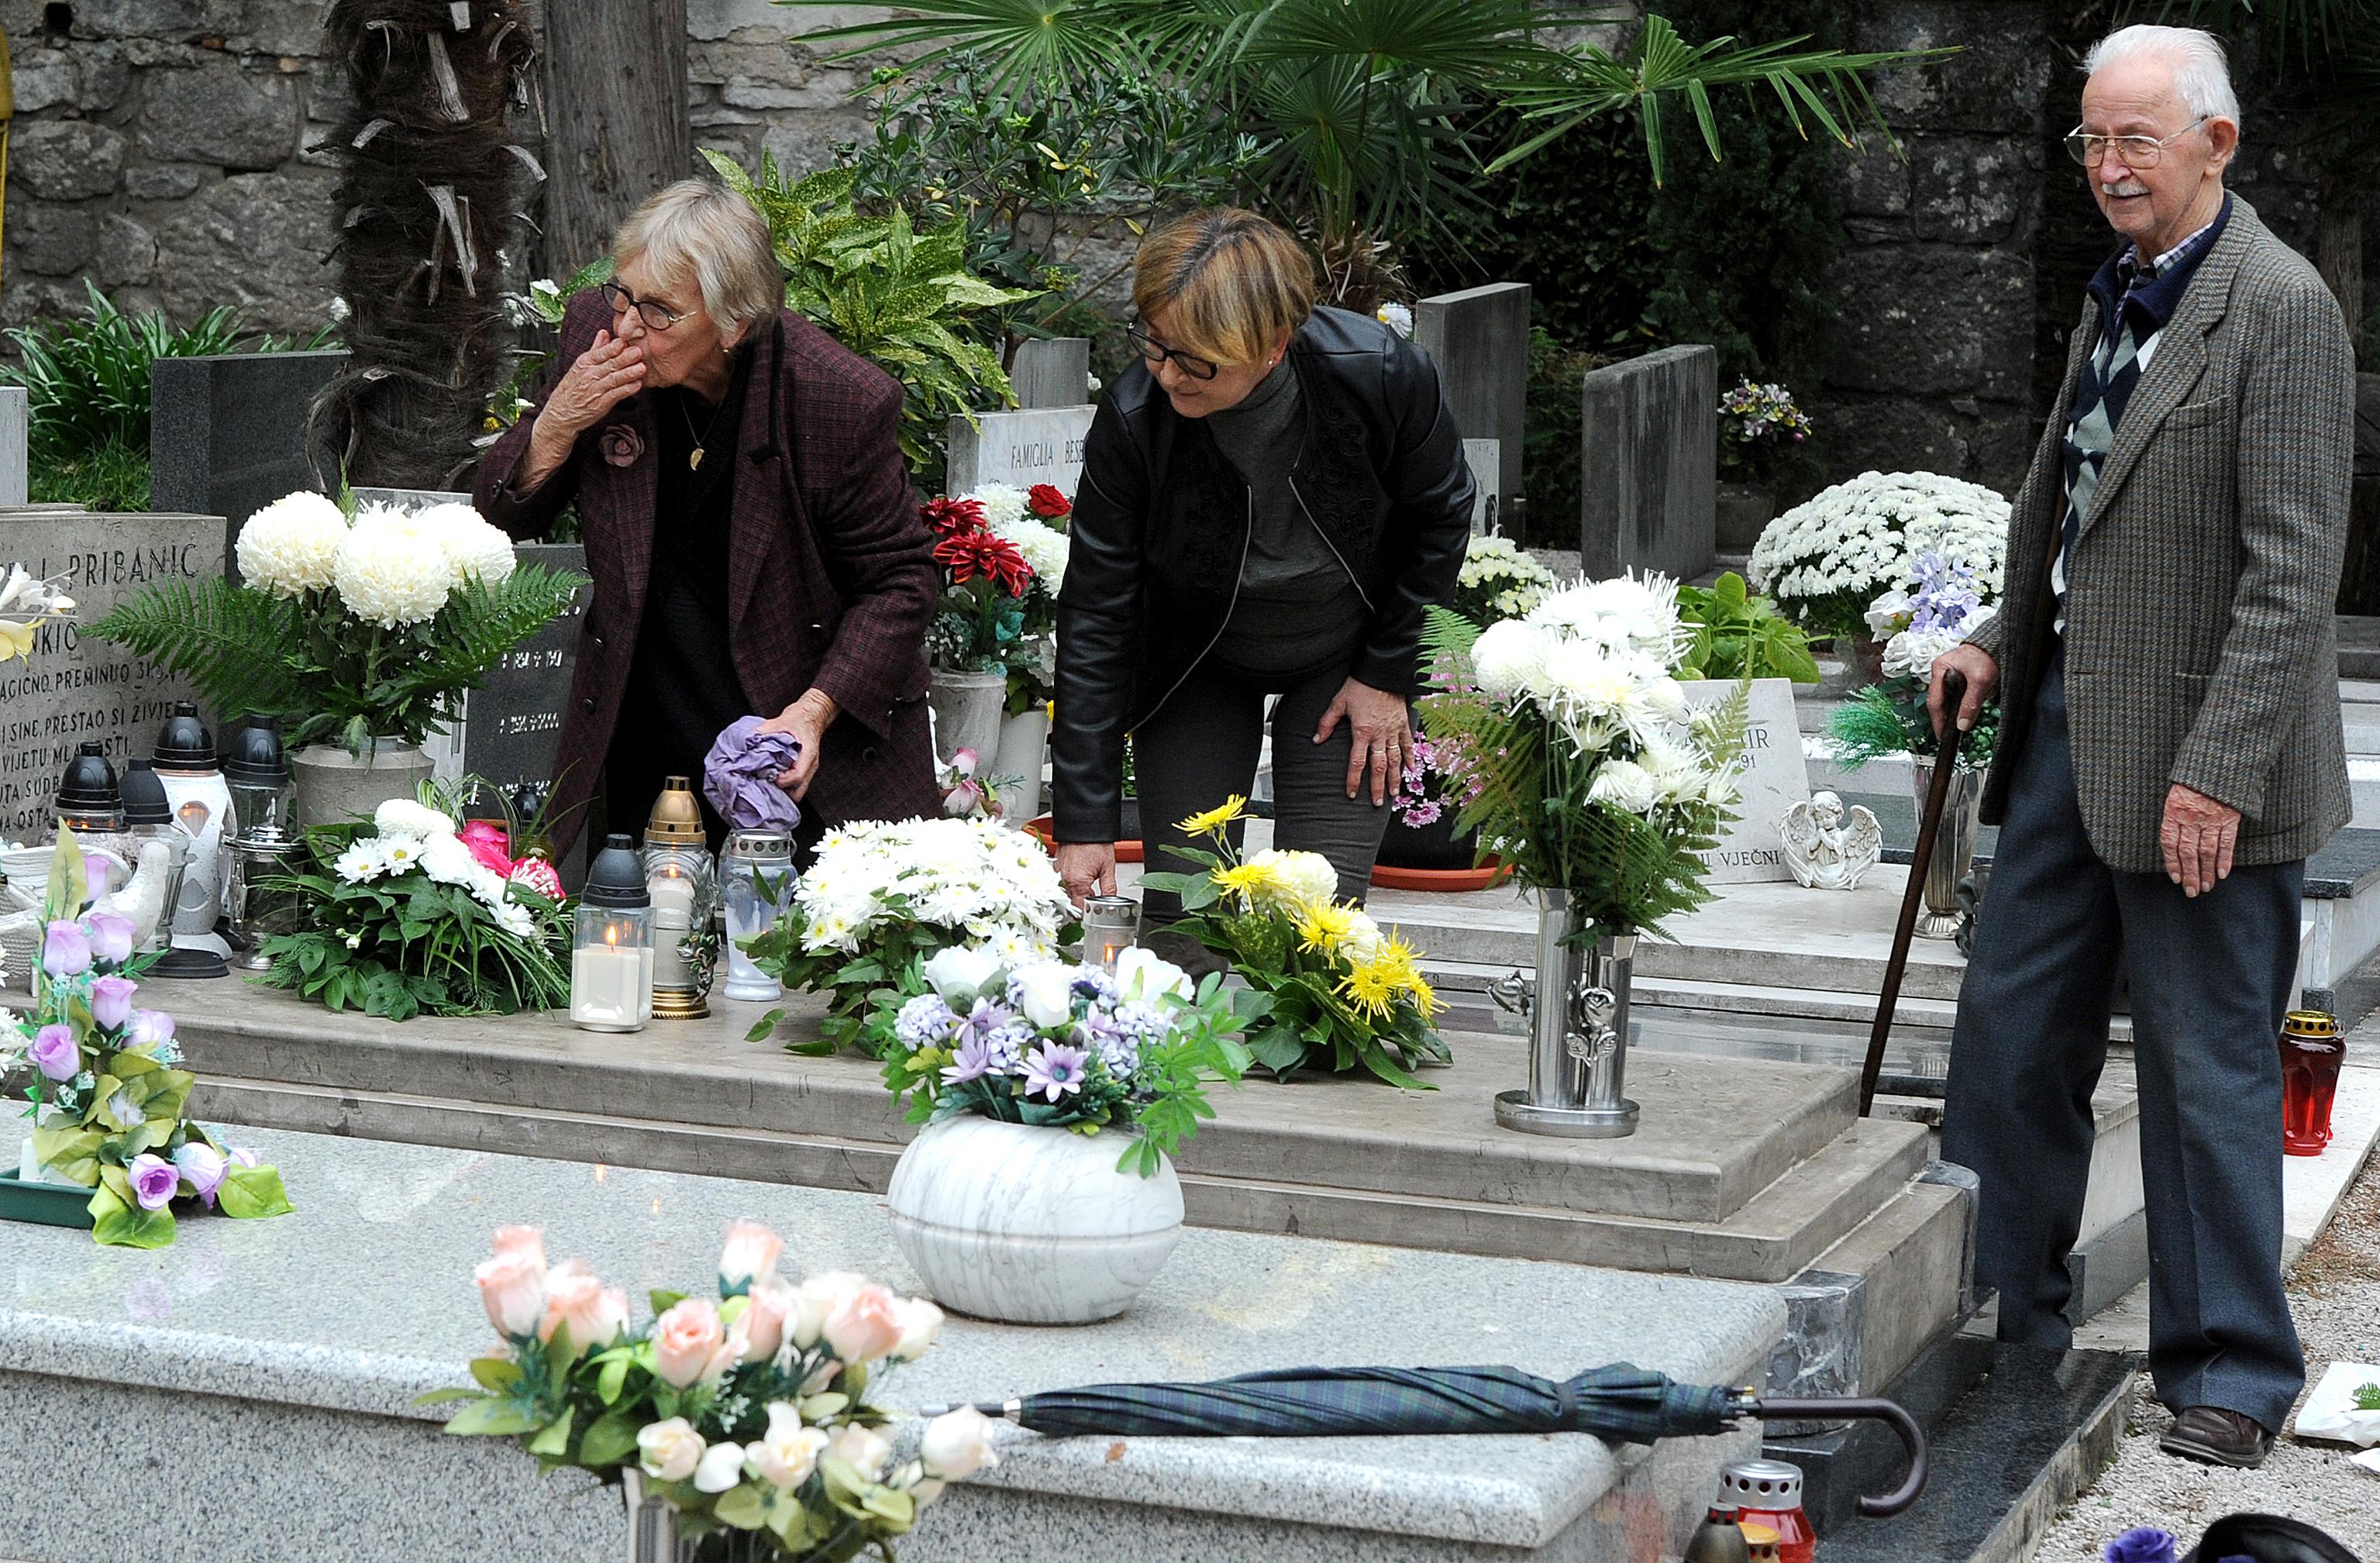 Grob treba ukrasiti, a pokojniku poslati poljubac / Foto M. GRACIN